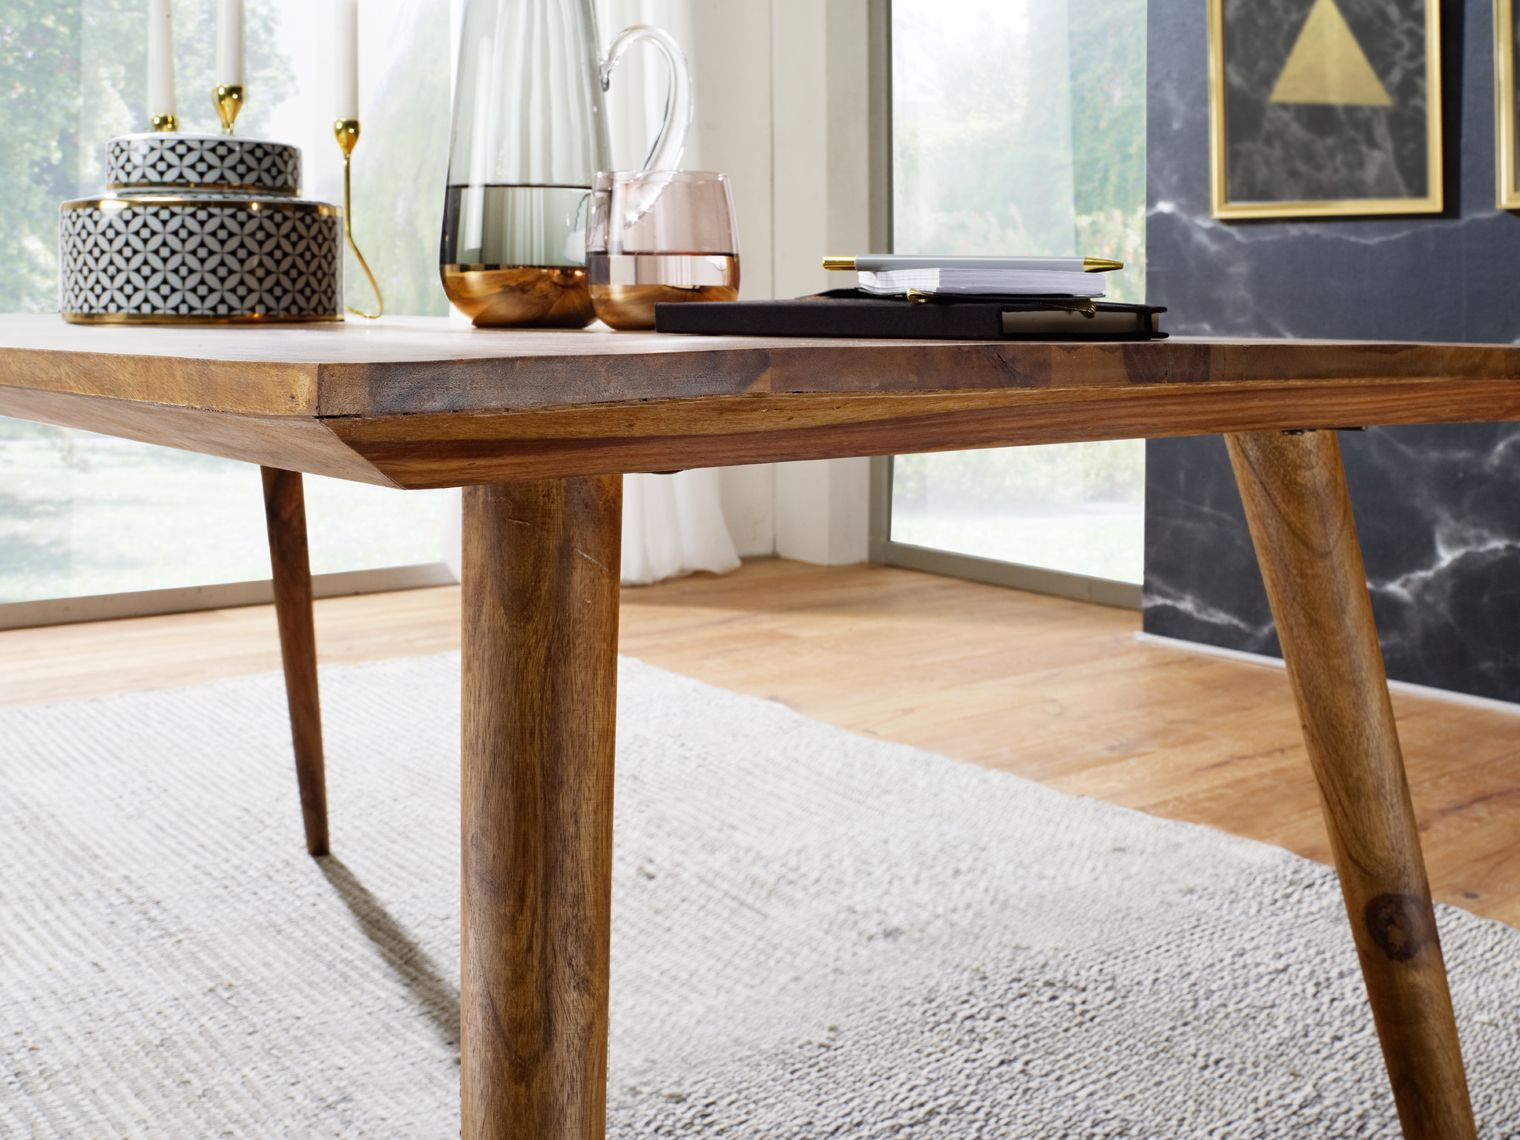 Wohnling Esstisch Repa 180x80 Cm WL1.963 Aus Sheesham Massivholz #Küche  #Wohnen #